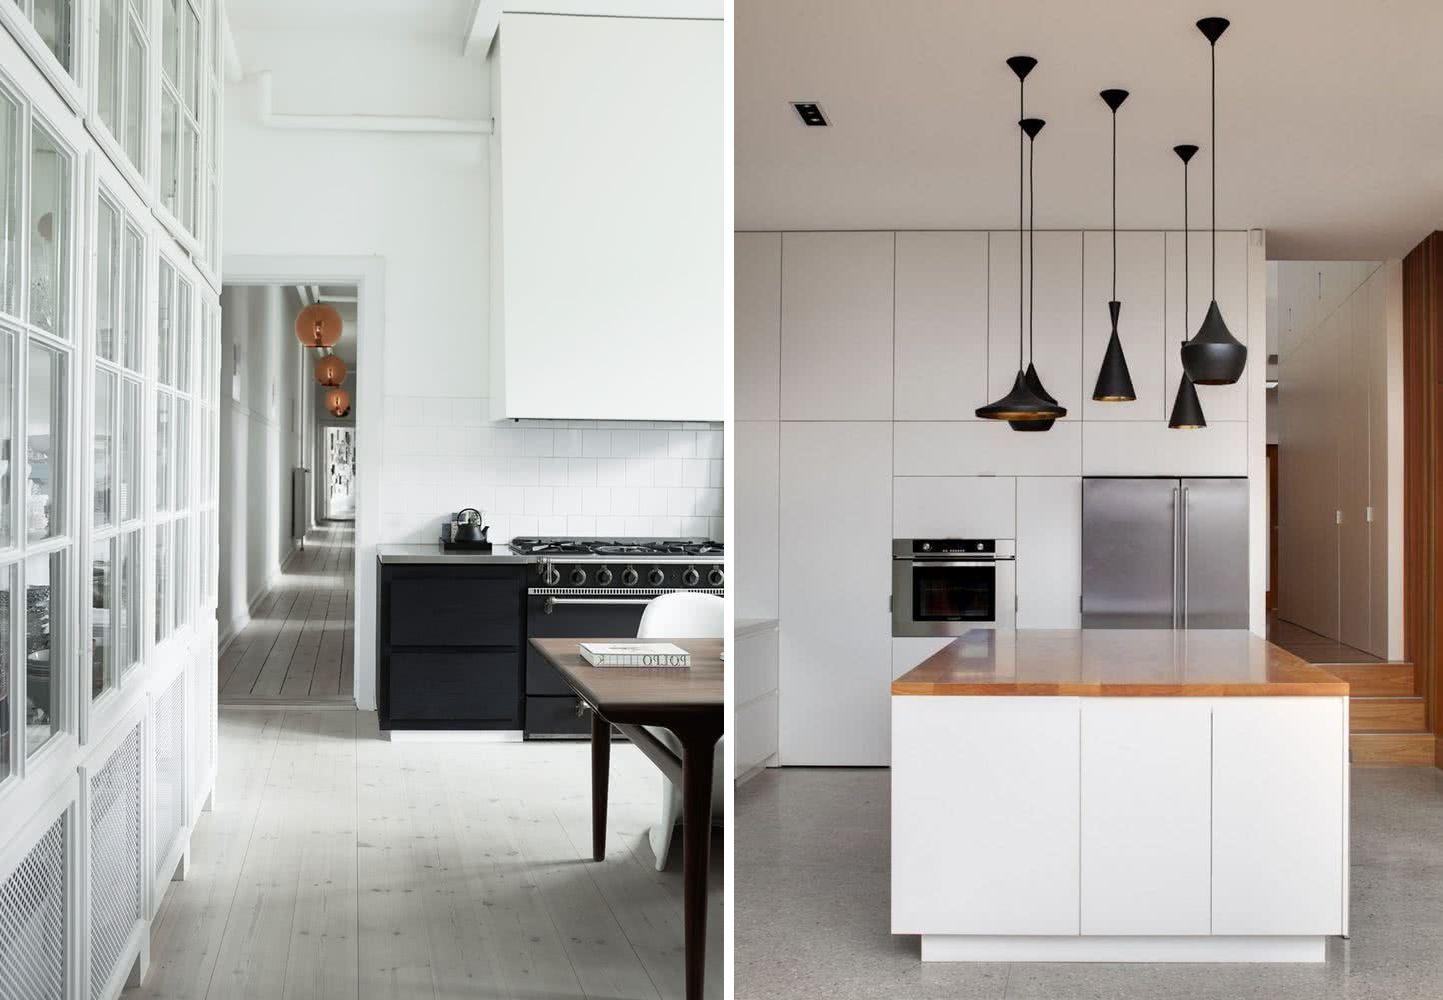 45 Cocinas minimalistas modernas 2020 - imágenes